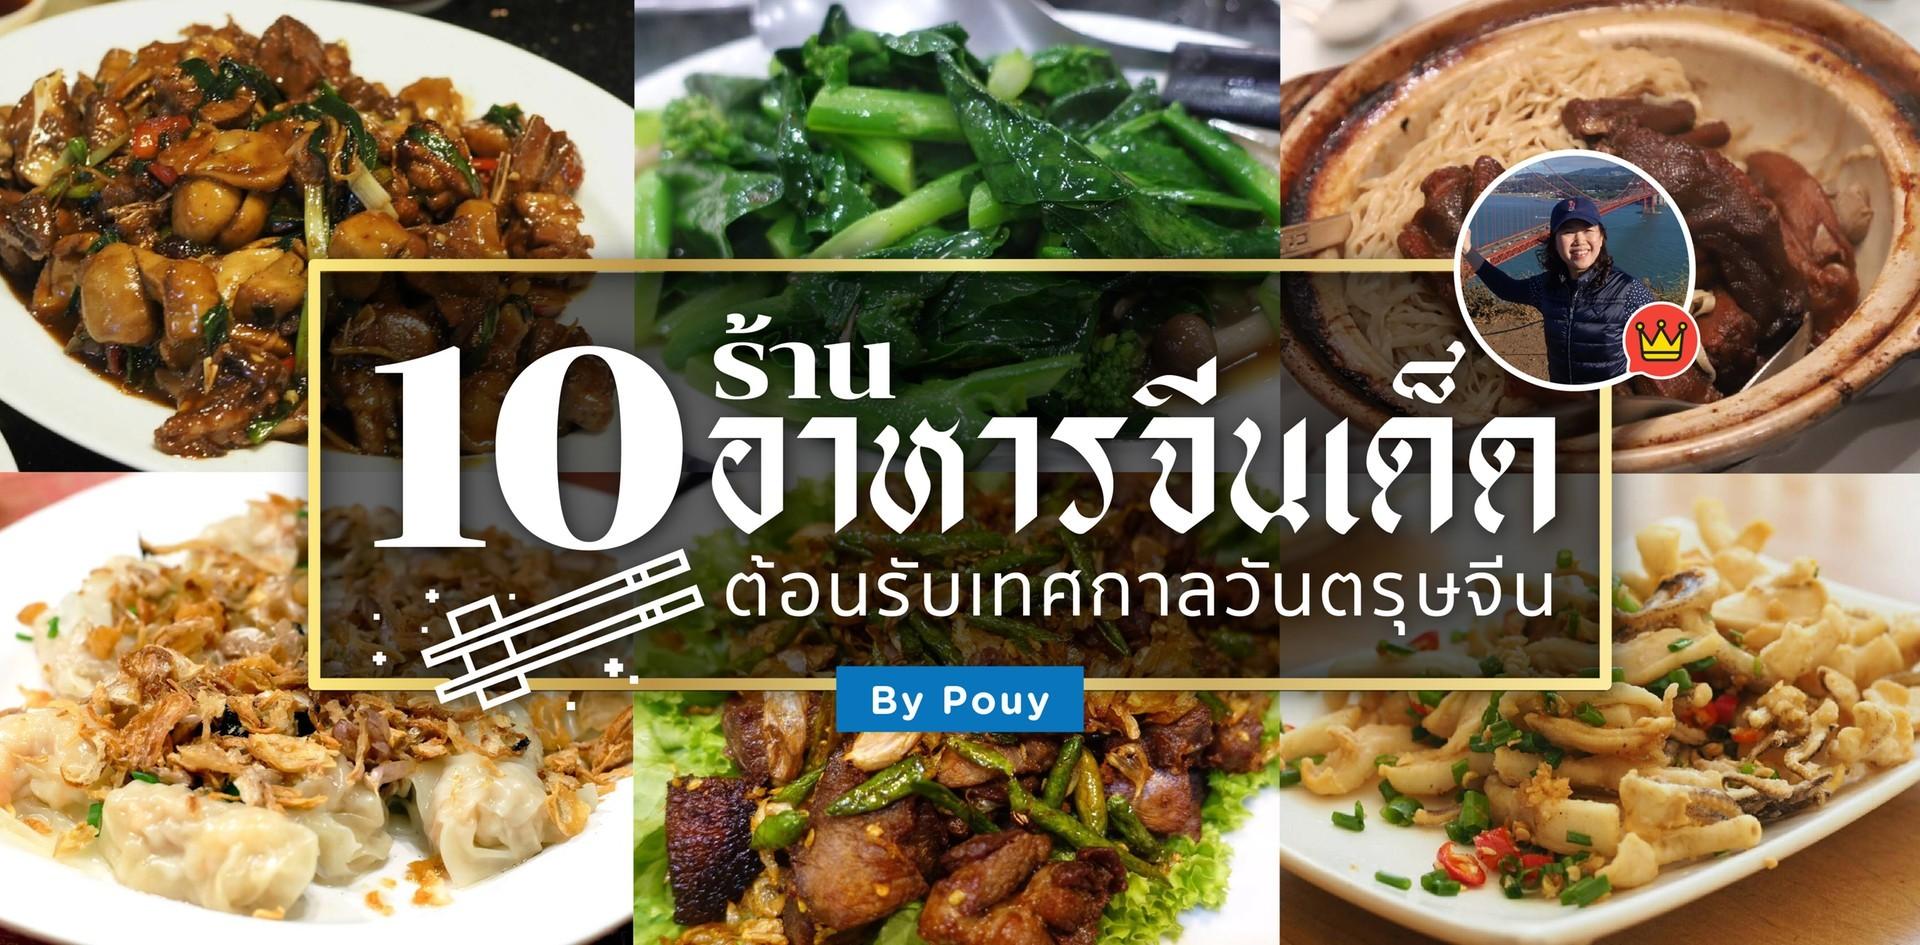 10 ร้านอาหารจีนเจ้าเด็ด ต้อนรับเทศกาลวันตรุษจีน by pouy